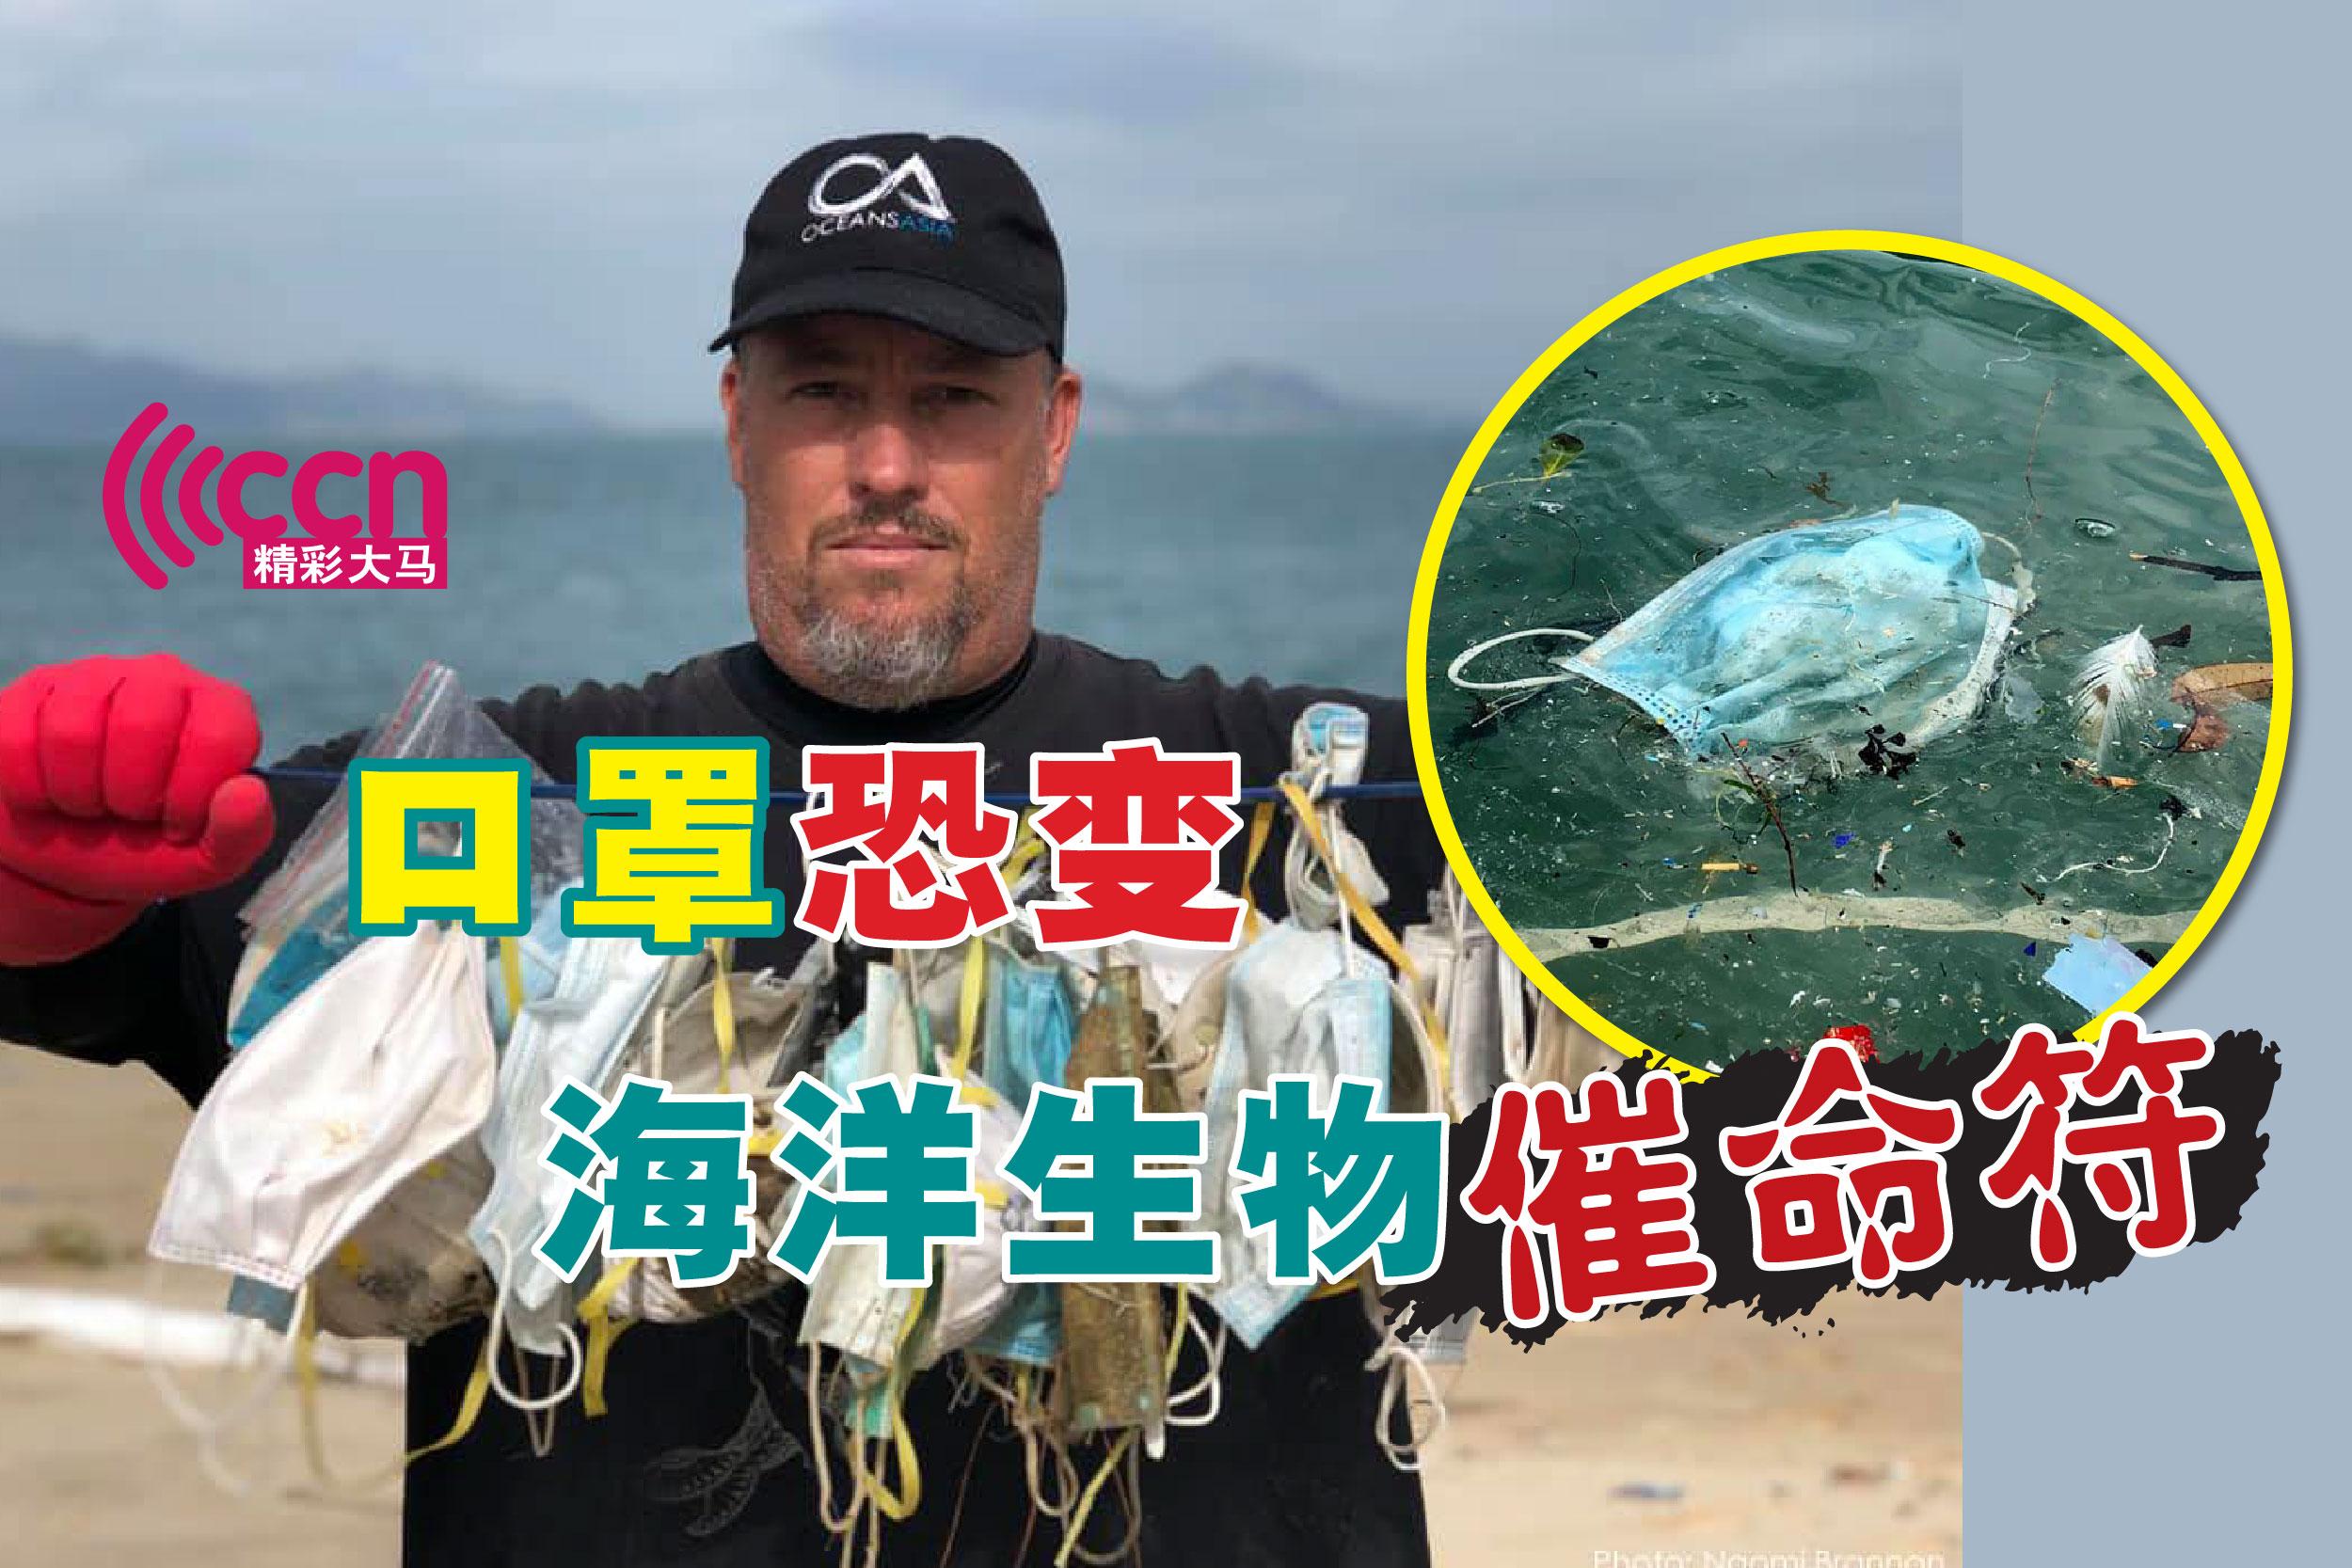 盖瑞展示拾获的口罩,并呼吁民众妥善处理口罩垃圾,勿把海洋当成垃圾场。-图片摘自OceansAsia面子书专页- -精彩大马制图-